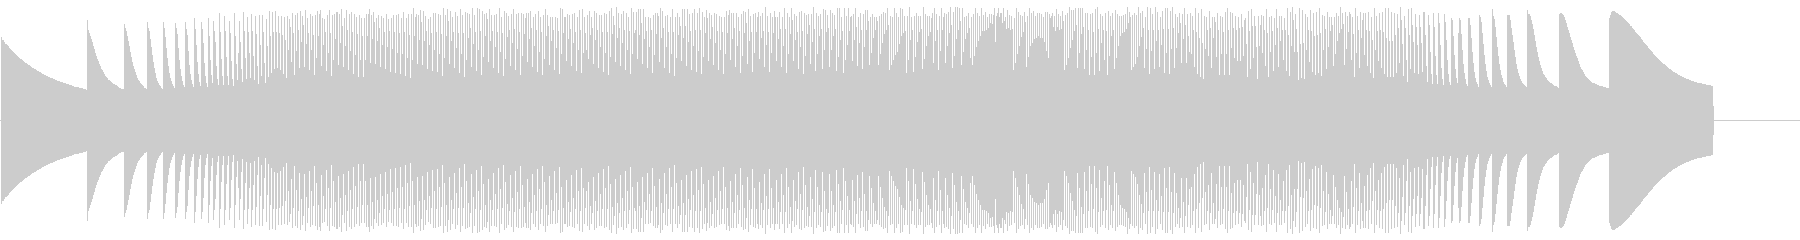 宇宙エンジン-ムーグの未再生の波形